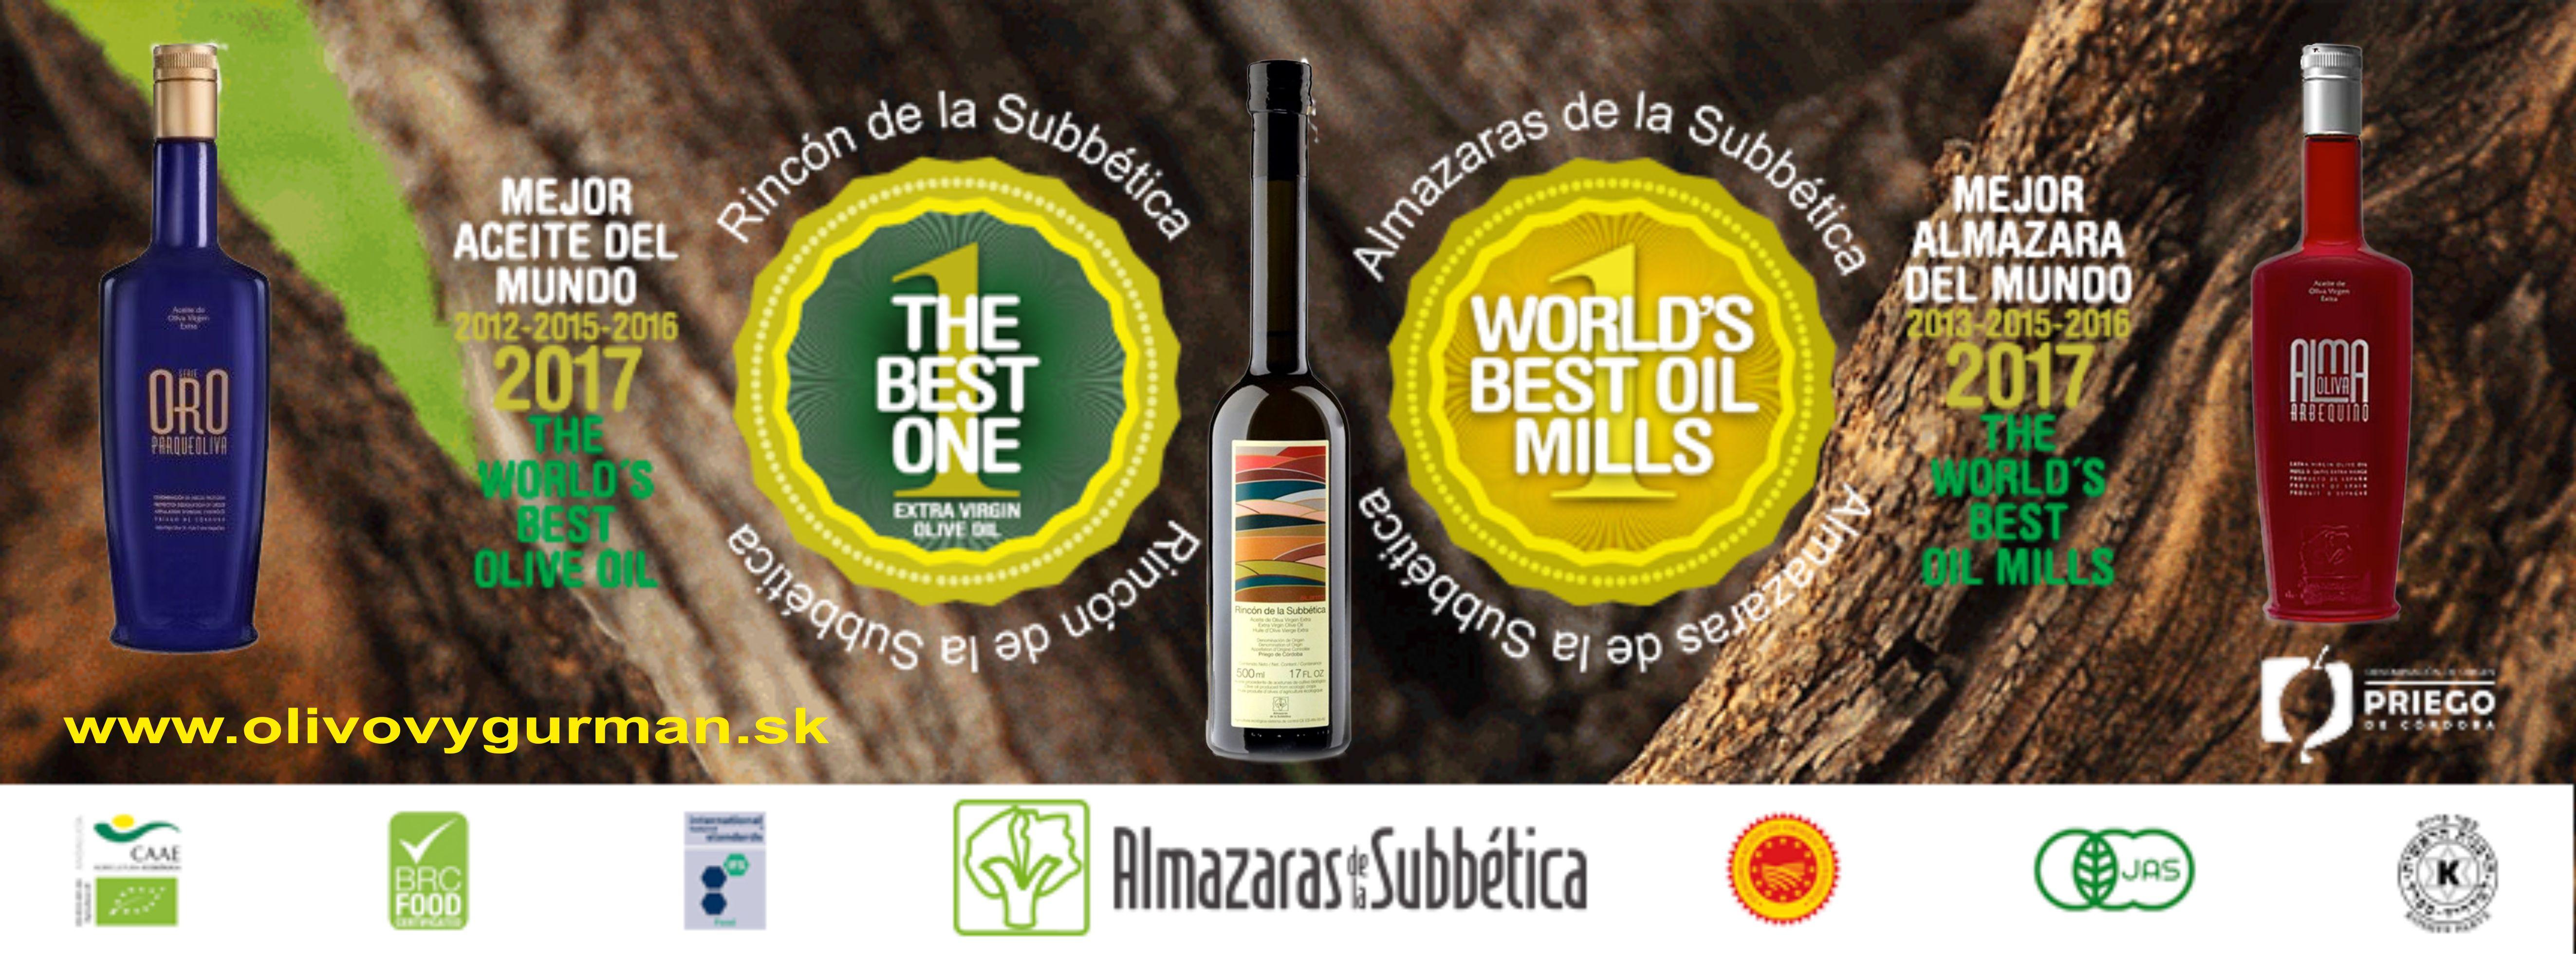 Najlepší výrobca olivových olejov na svete